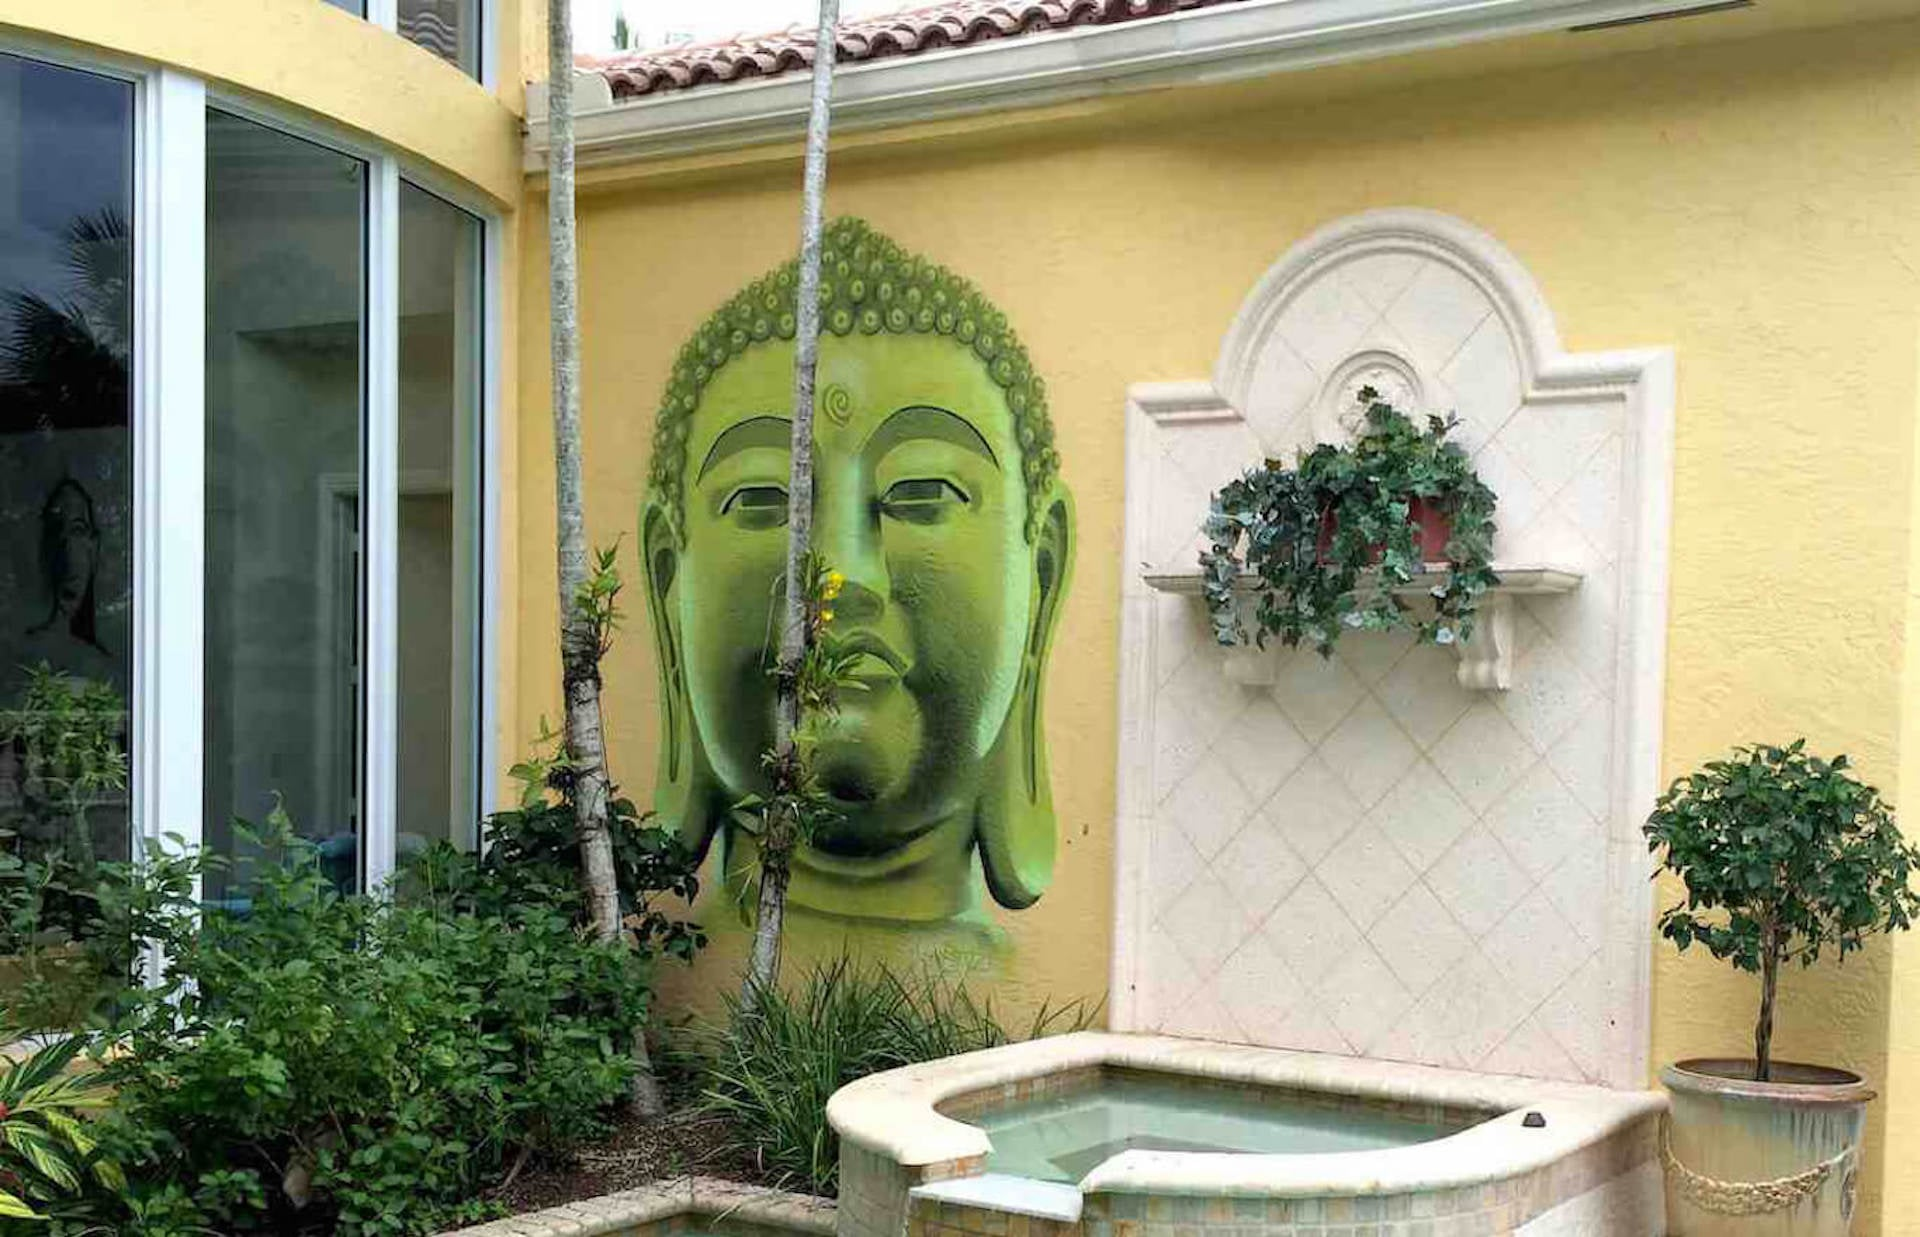 Private Commissioned Buddha Mural | Miami USA, 2014